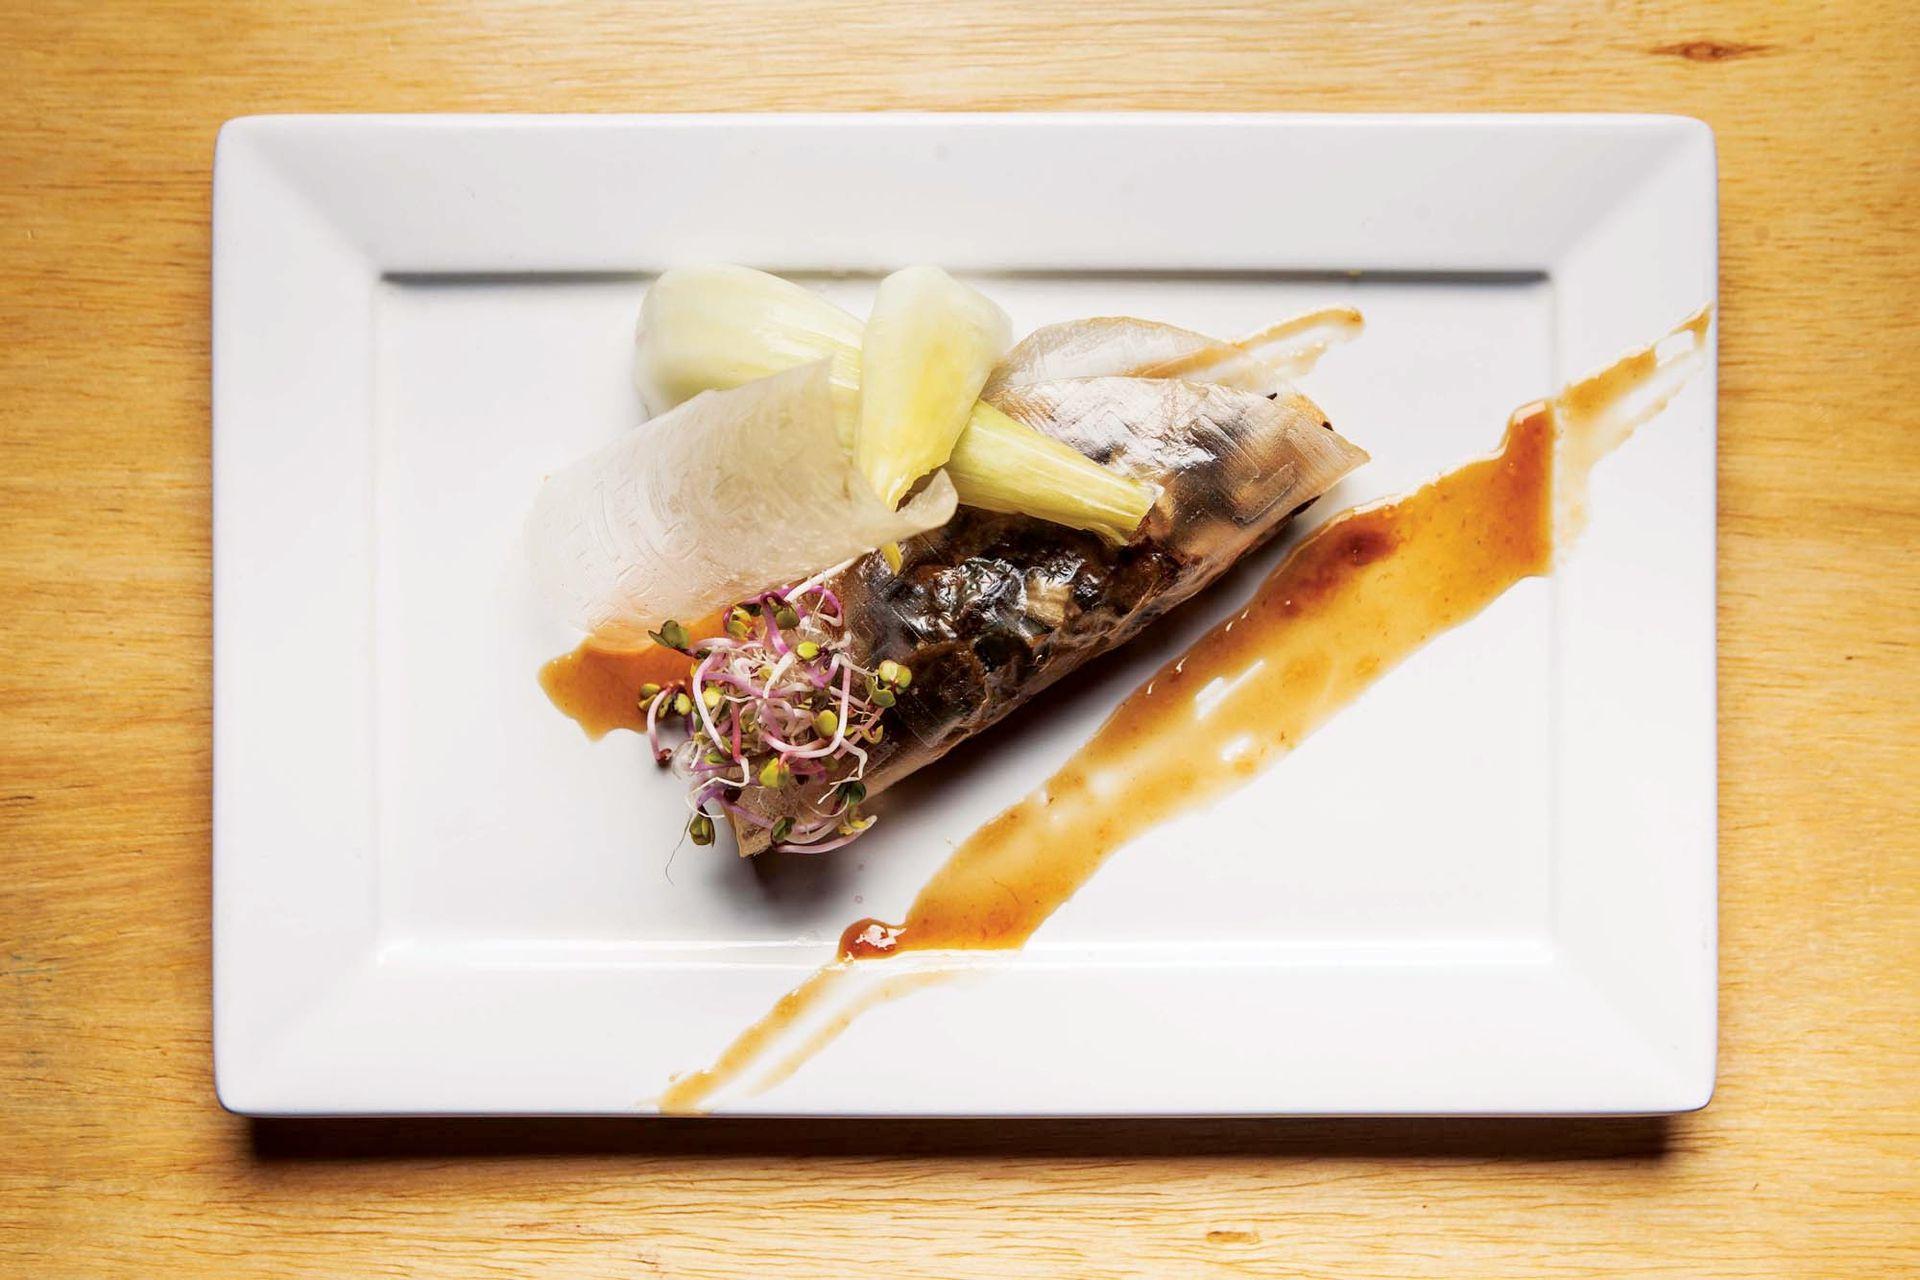 Raviol de papel de arroz relleno de verduras cocidas y hongos con pickle de pencas y reducción de cítricos.